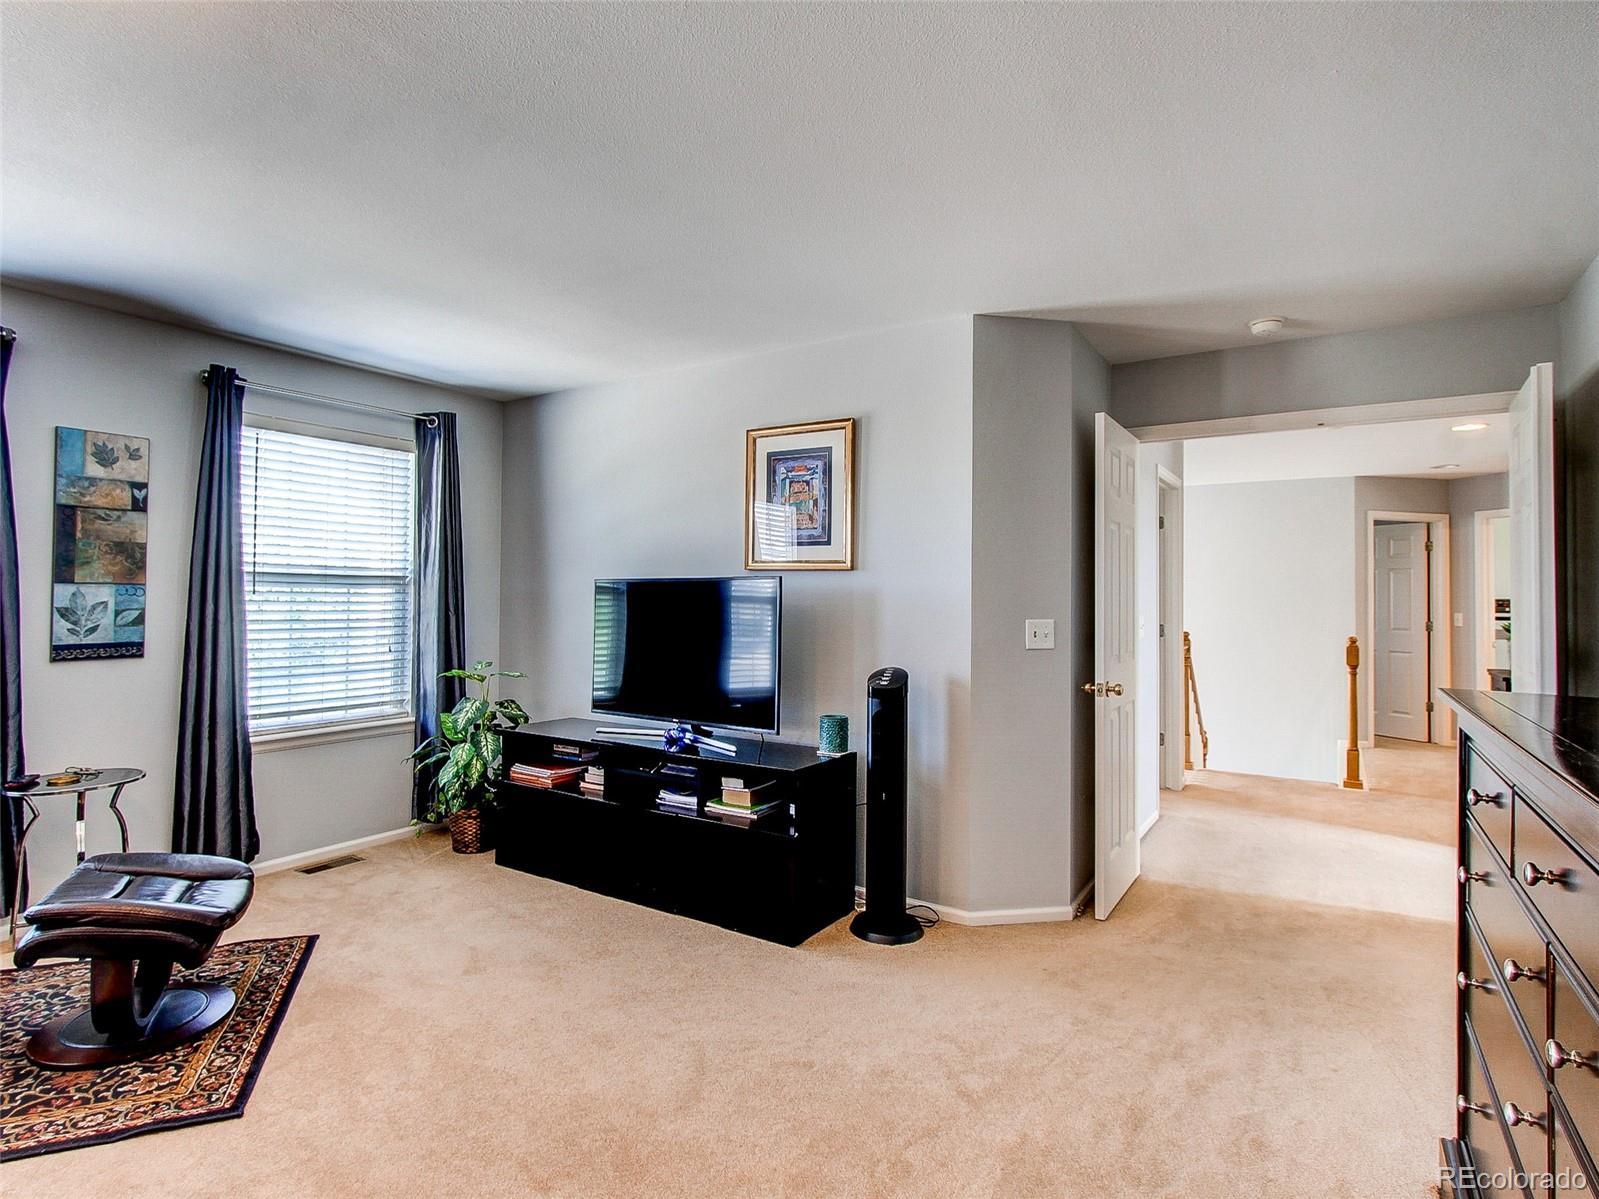 MLS# 8984069 - 23 - 19124 E 39 Avenue, Denver, CO 80249